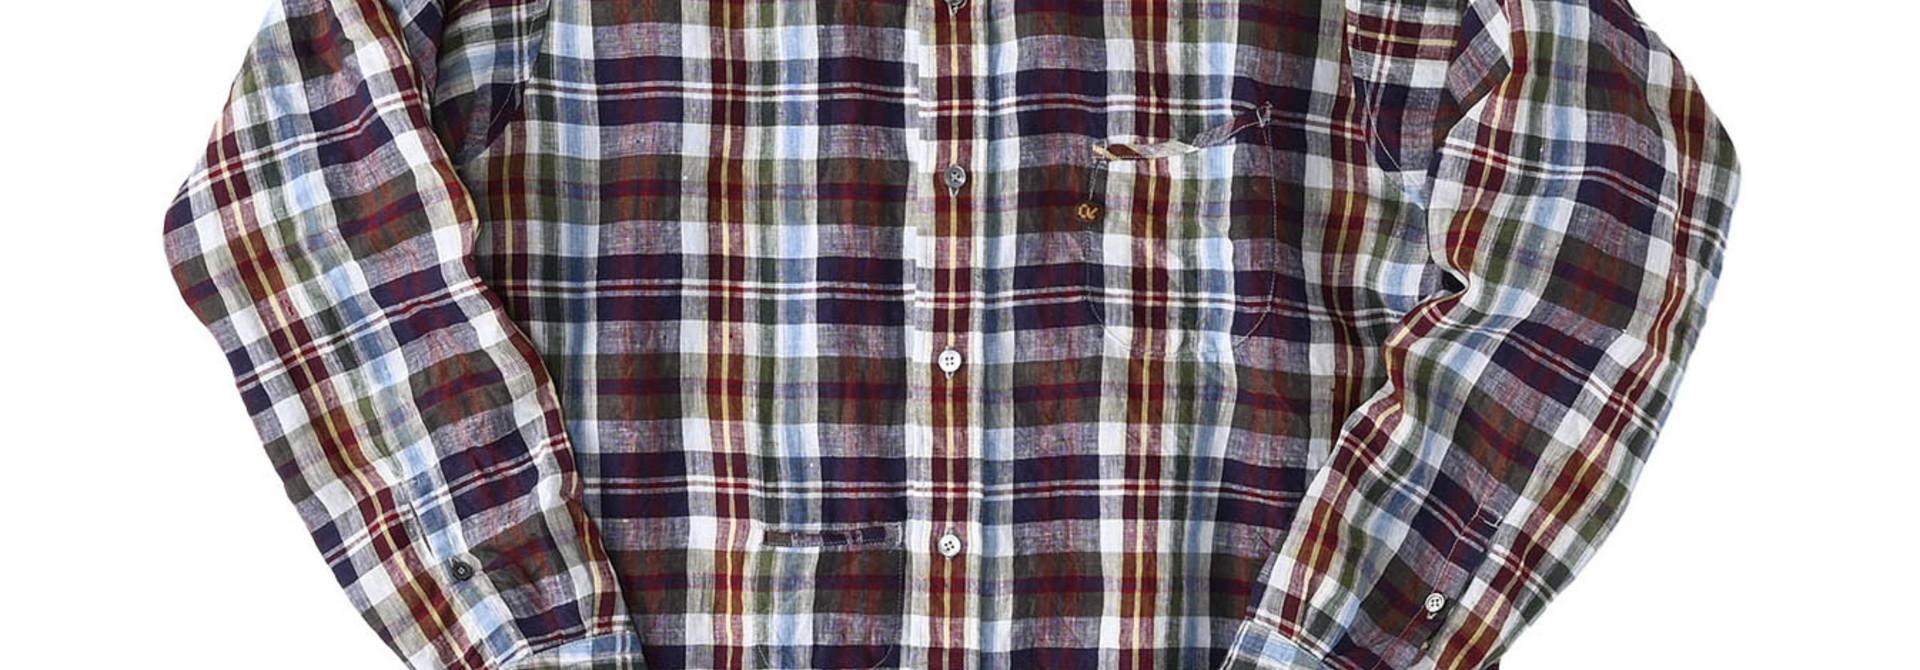 Indian Linen Madras 908 Ocean Button Down Shirt (0421)